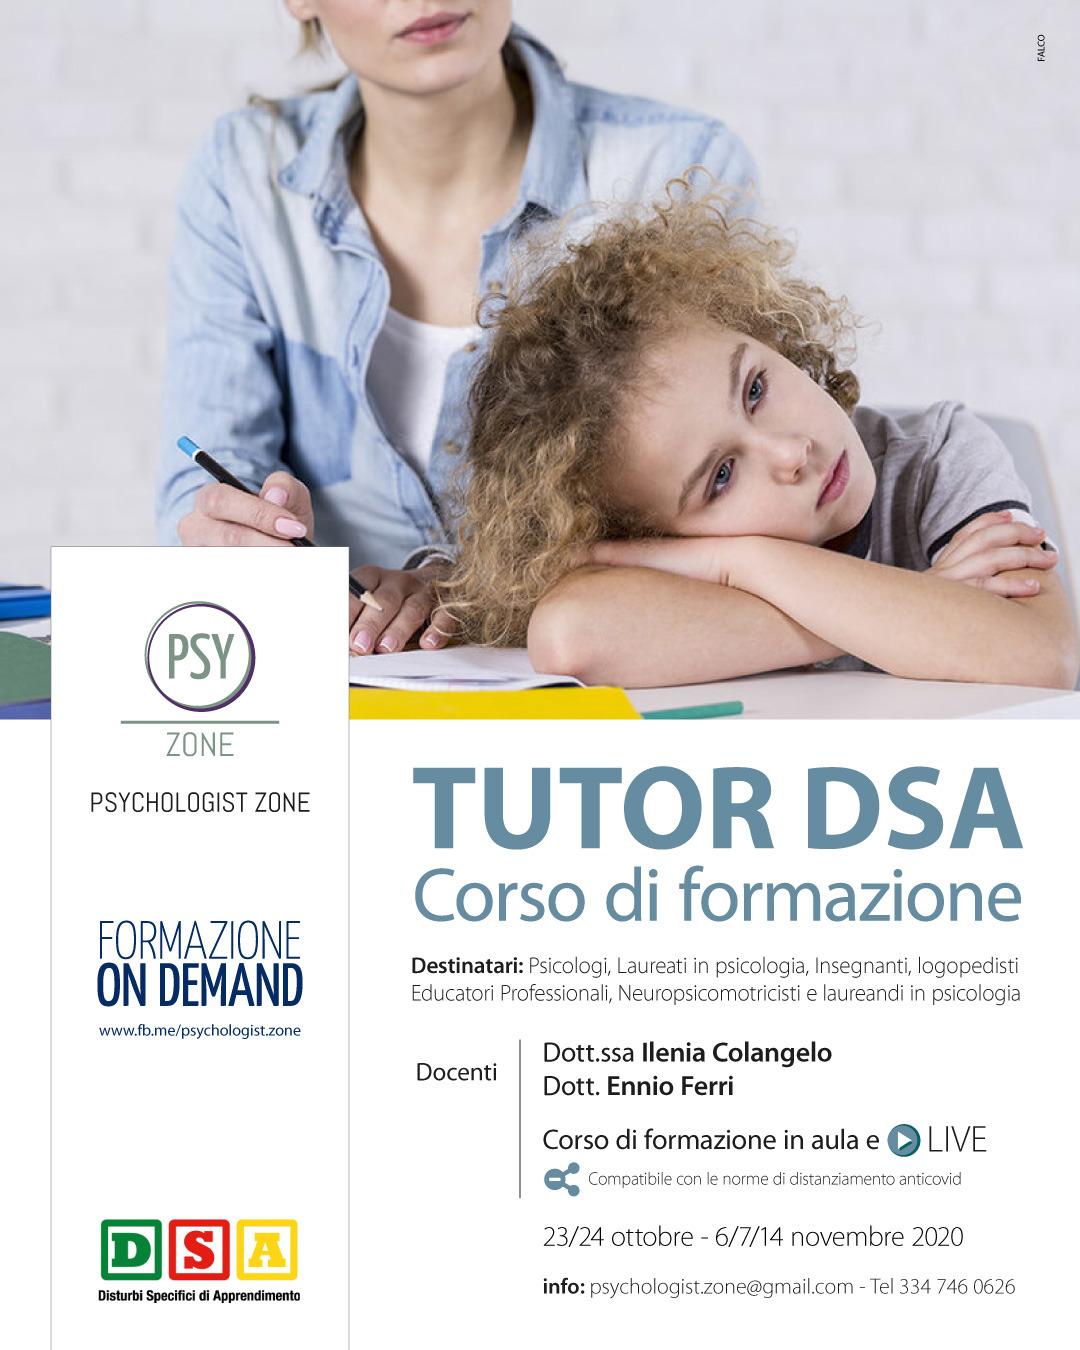 Al via i corsi per tutor DSA e tecnico del comportamento ABA/RBT